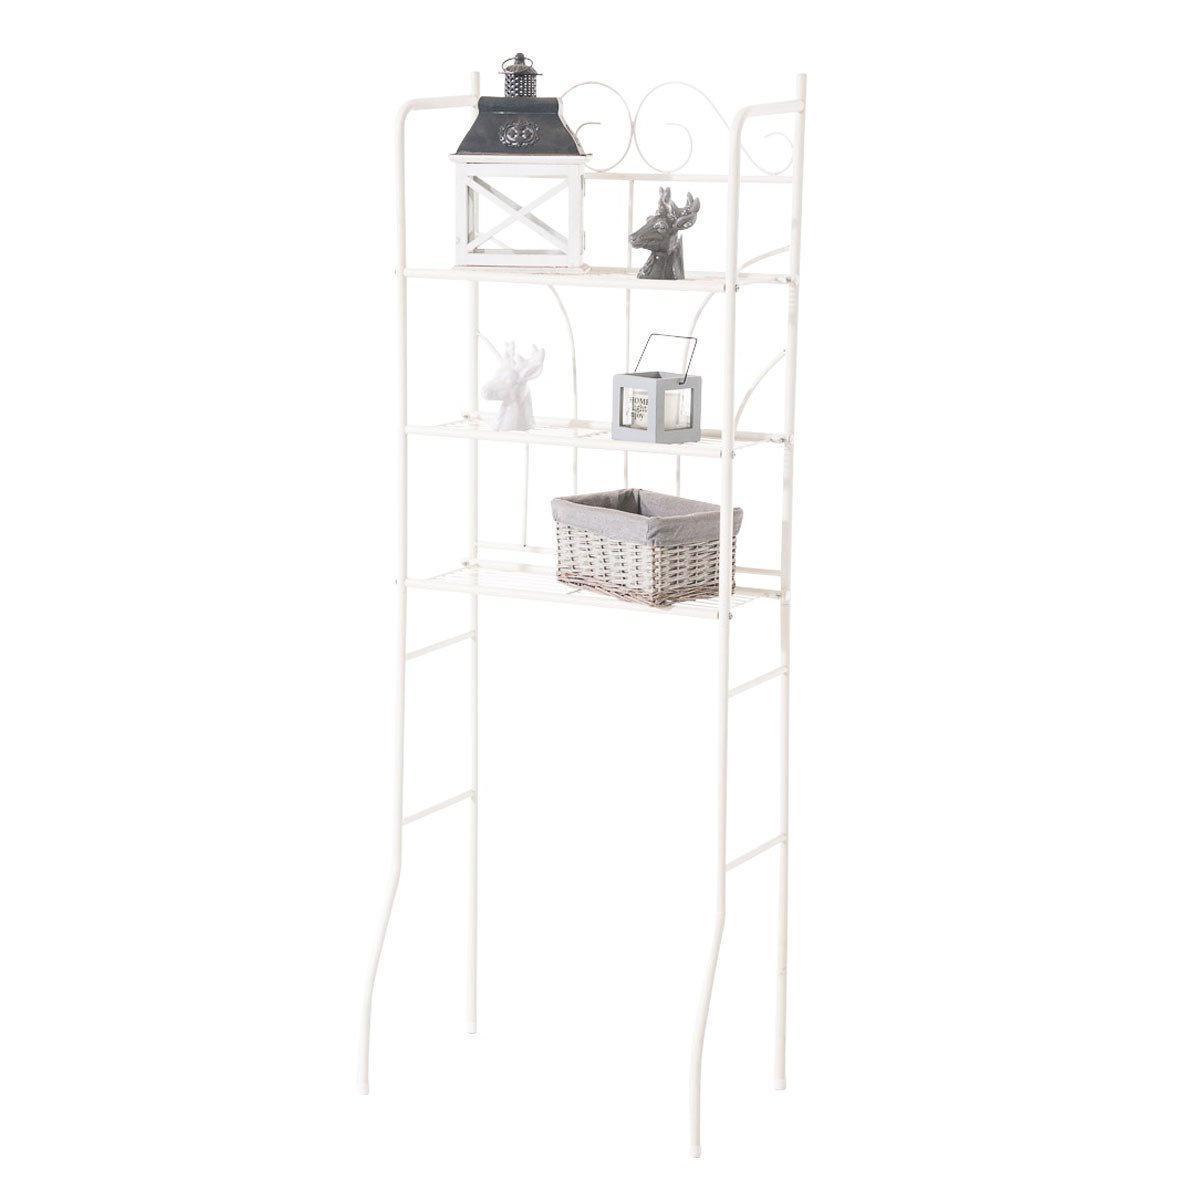 Decoshop26 Meuble étagère pour dessus WC en fer crème stockage et rangement WC et salle de bain ETA10100